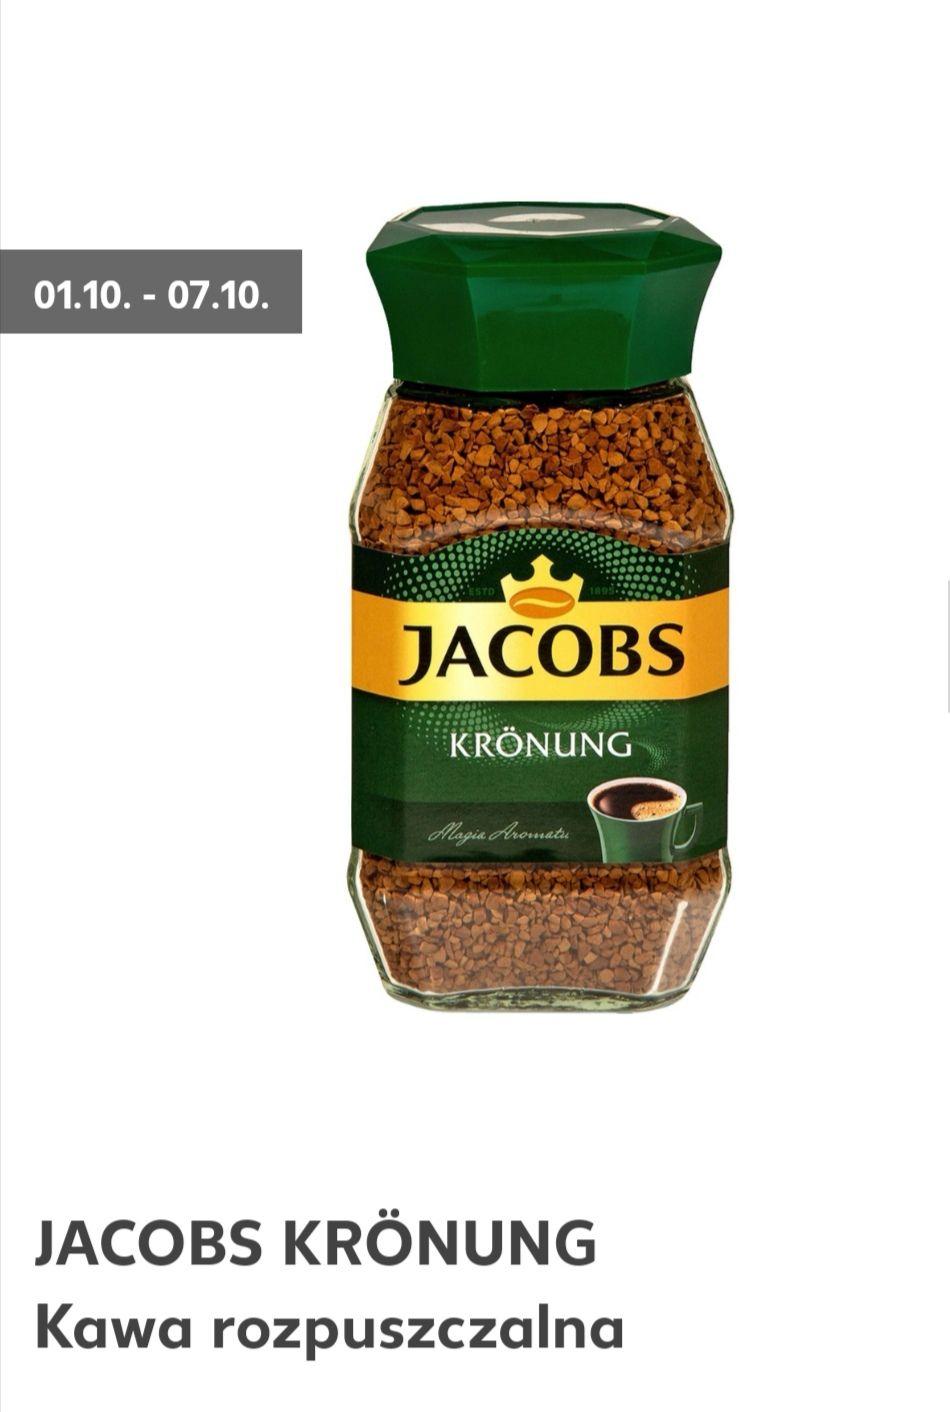 JACOBS KRÖNUNG Kawa rozpuszczalna 200 g opakowanie